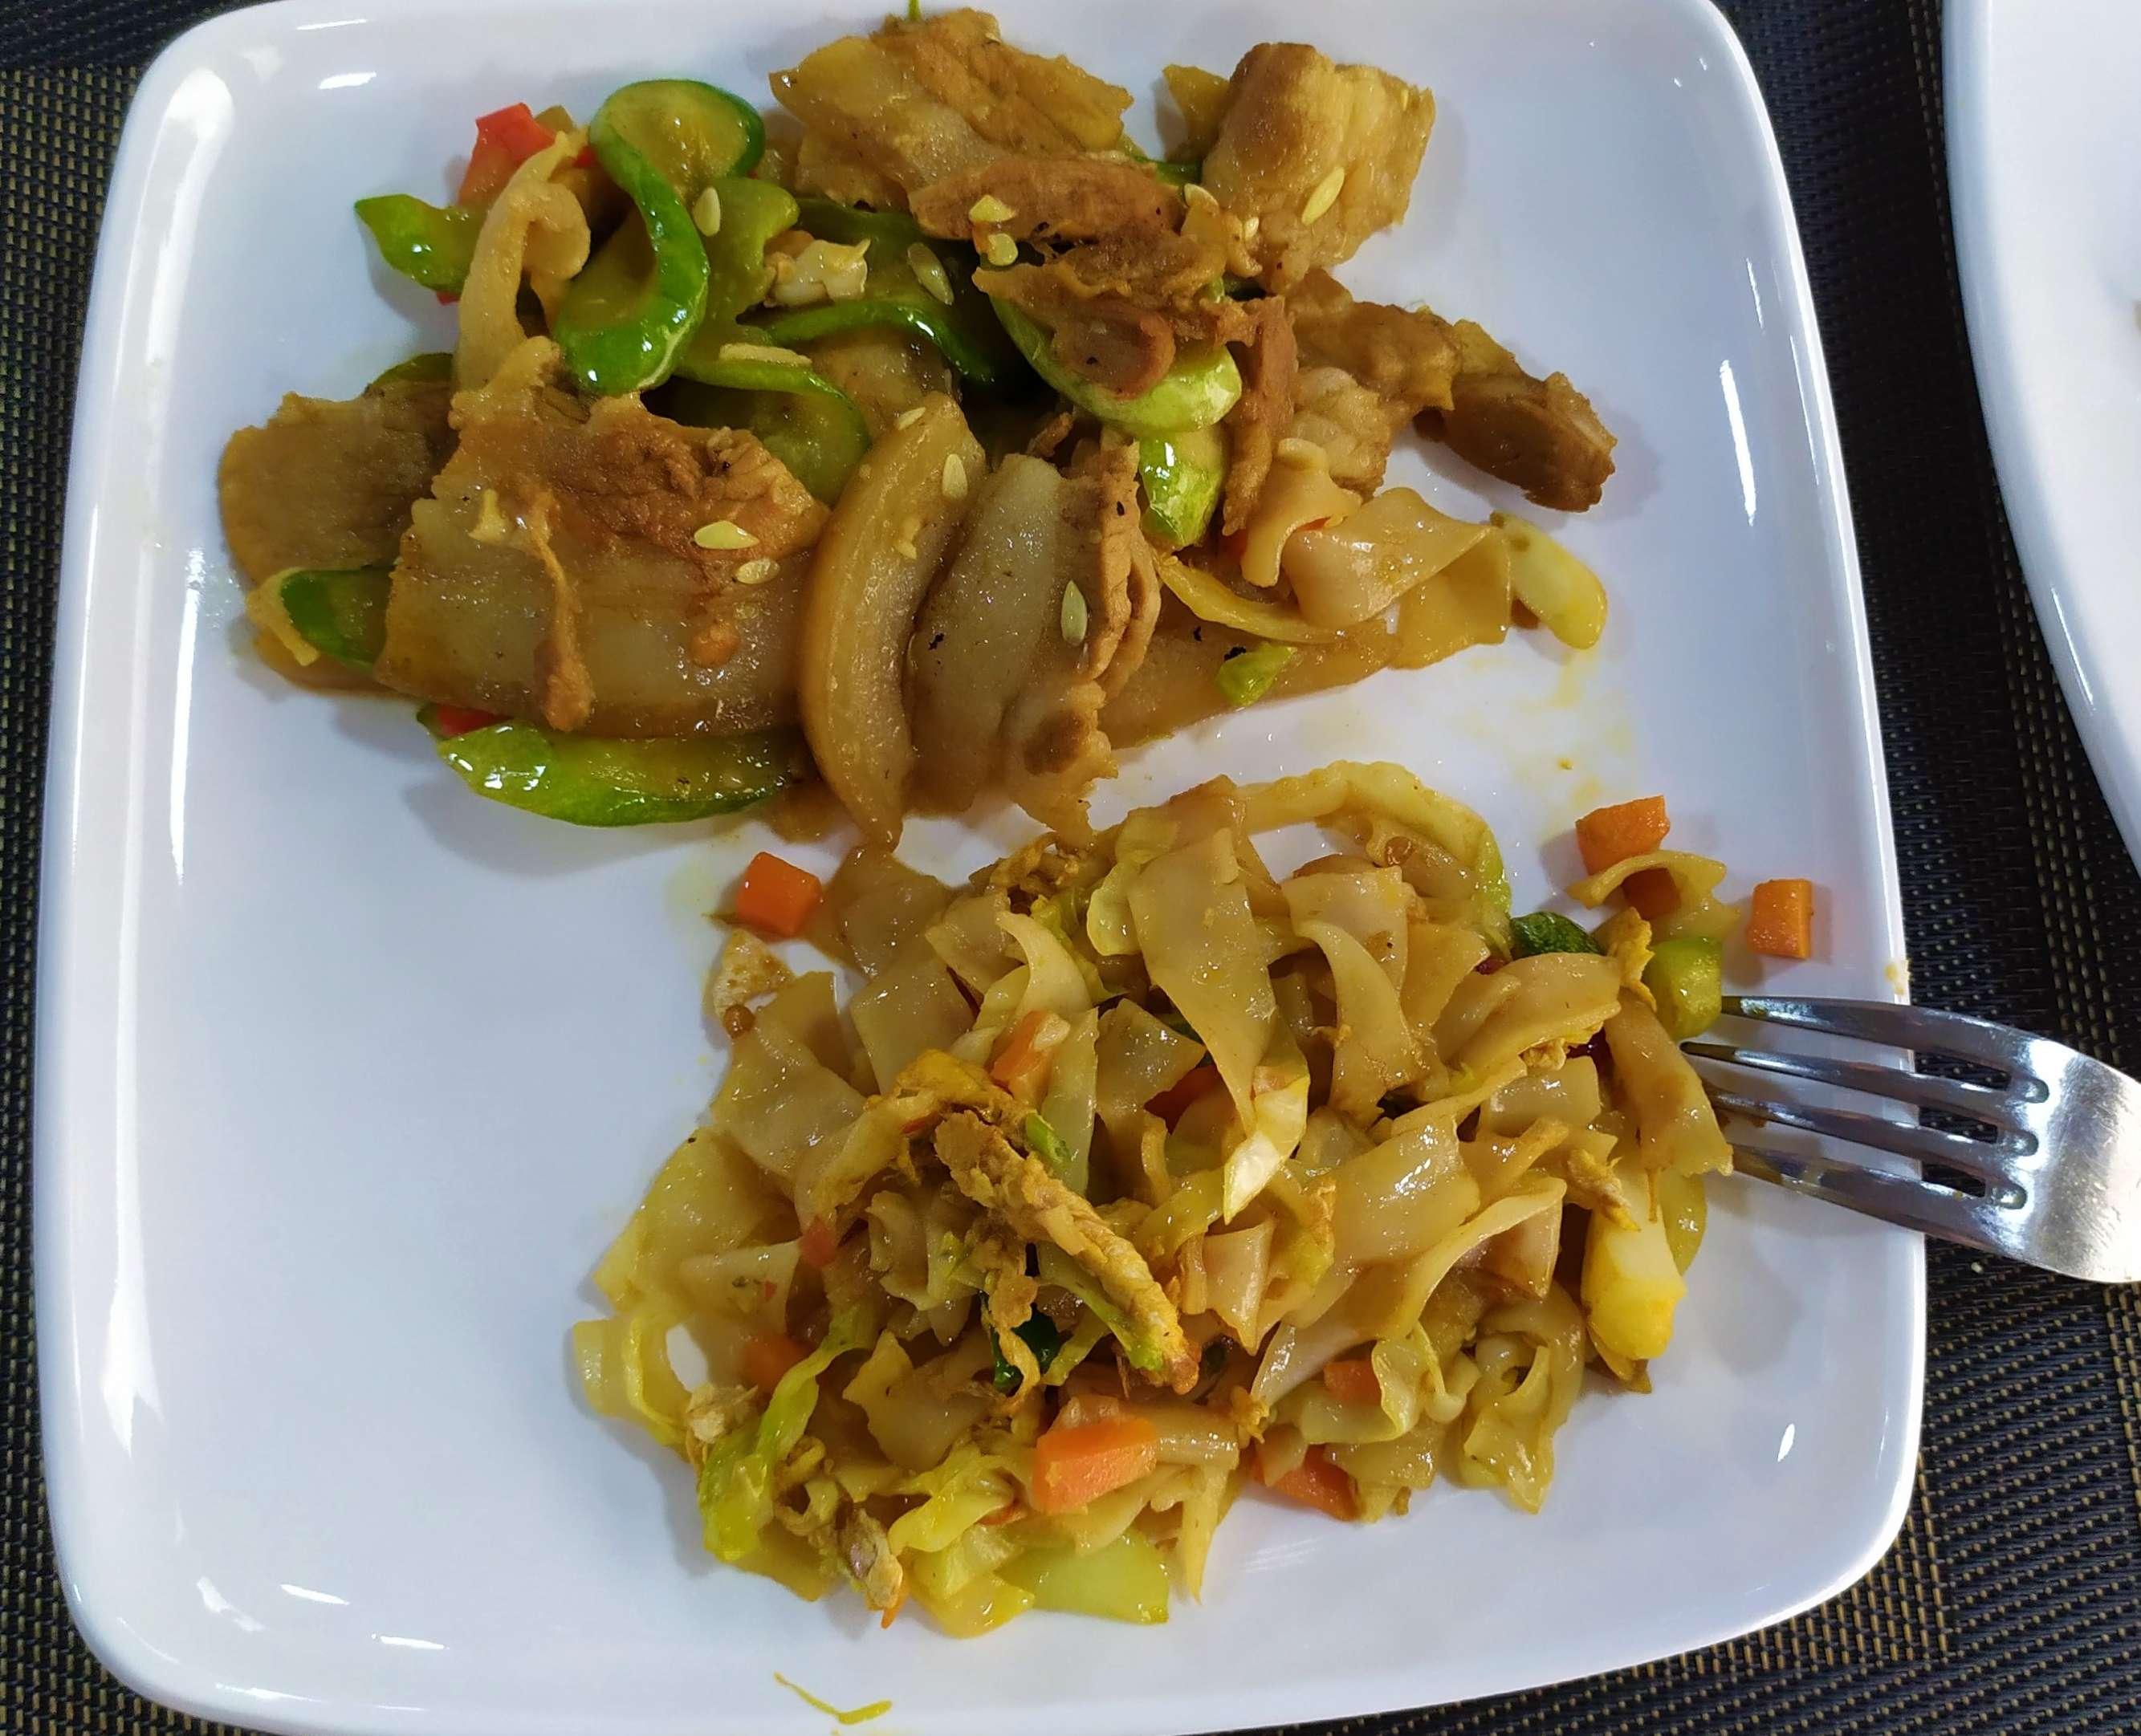 Кухня Камбоджи: если блюдо укусило Вас в ответ, значит, оно очень свежее! Часть 3